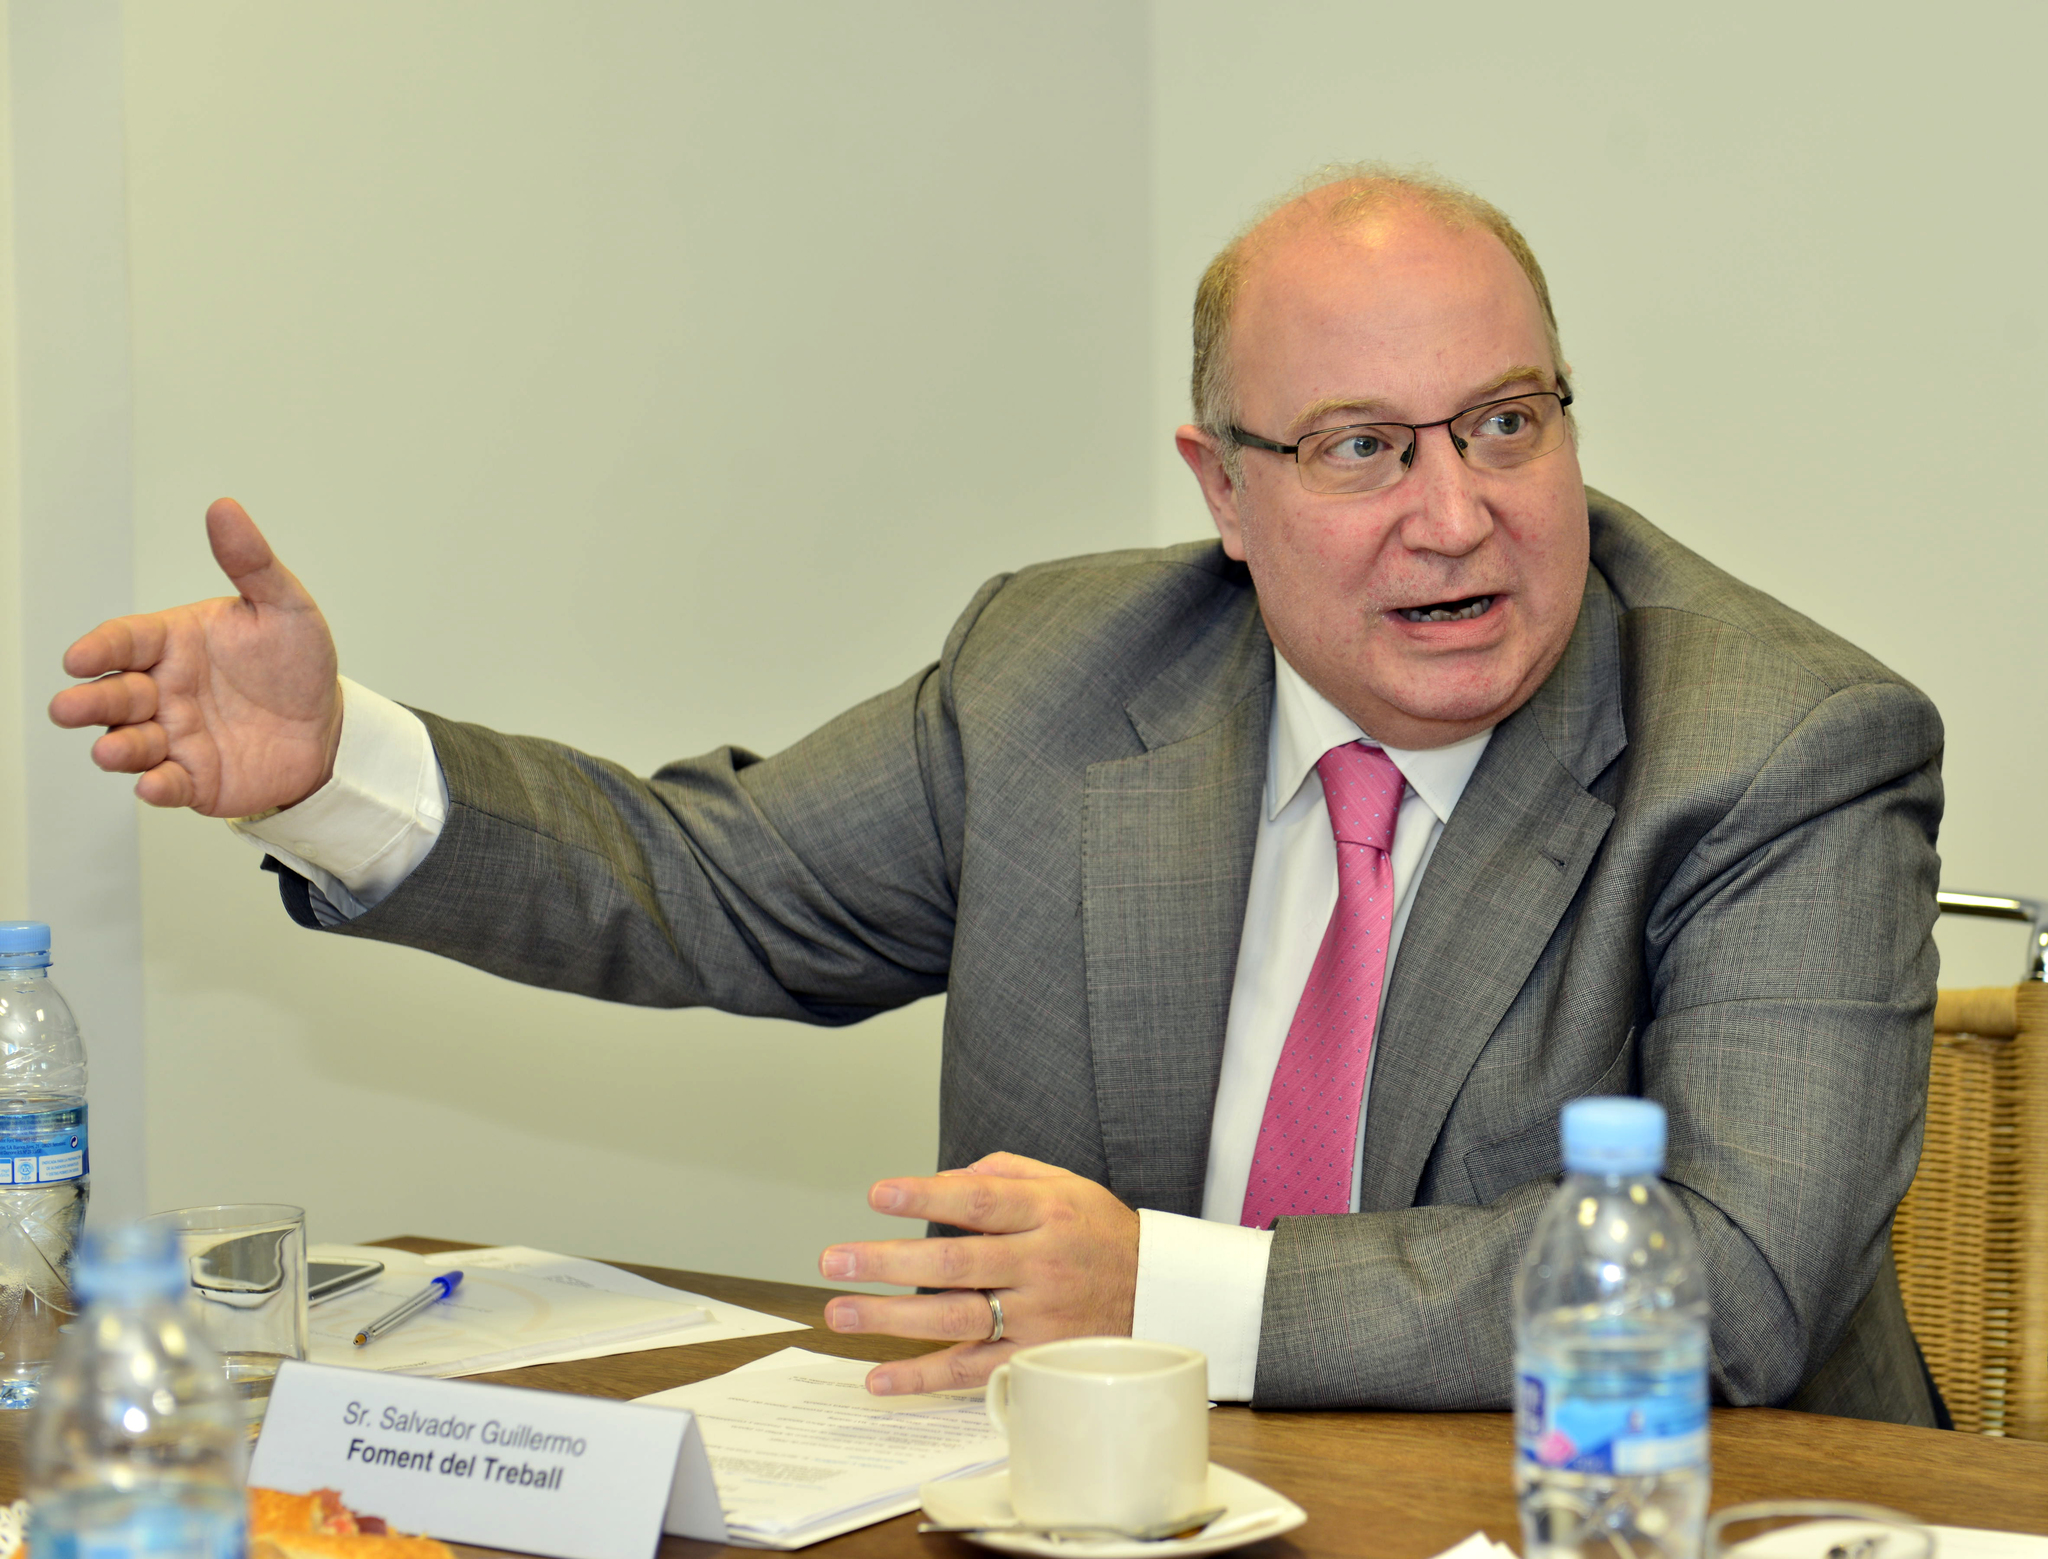 El secretario general adjunto de Fomento del Trabajo, Salvador...